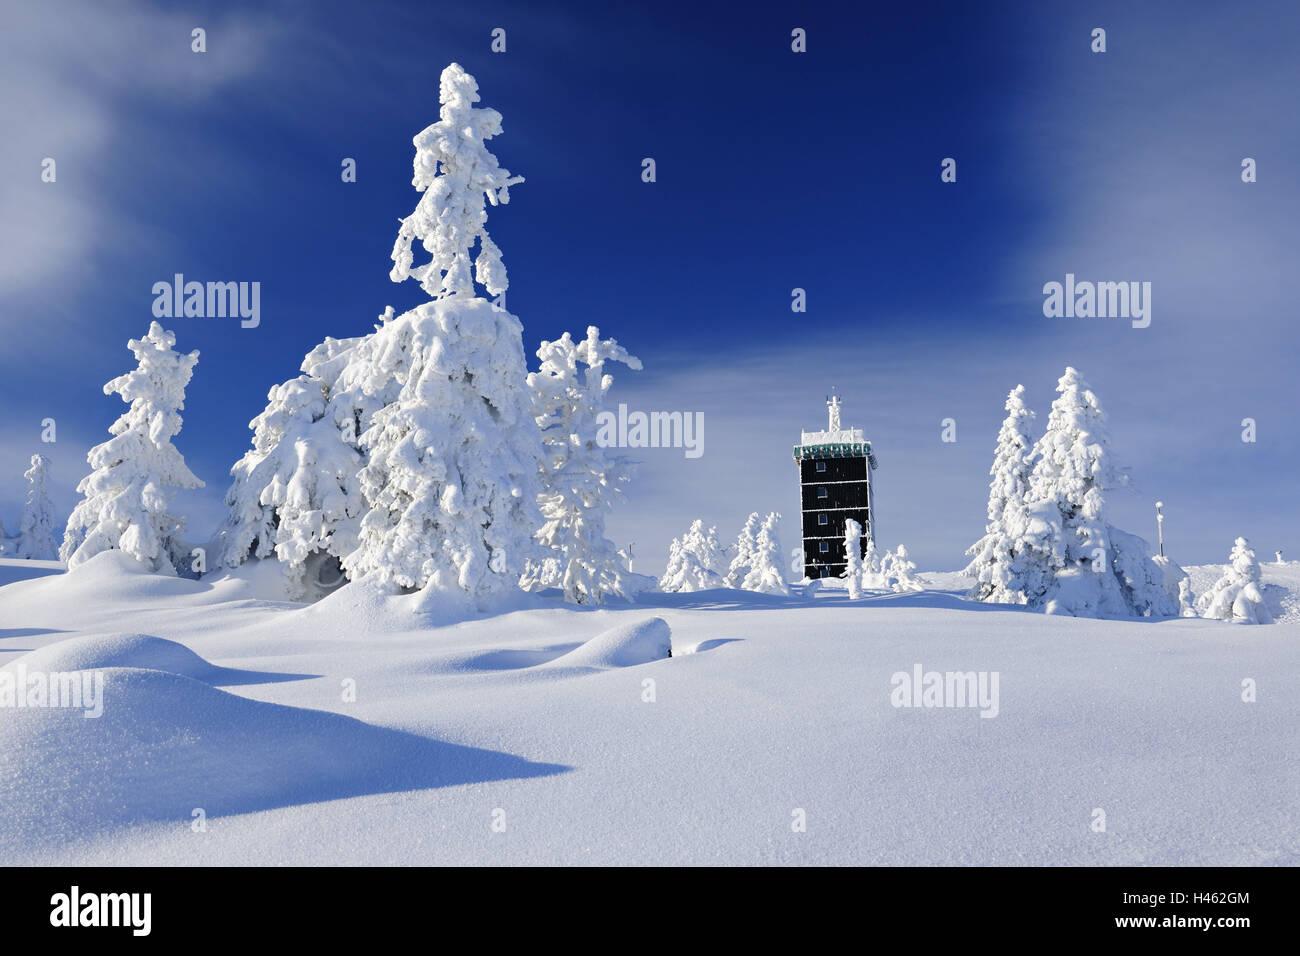 Deutschland, Sachsen-Anhalt, Nationalpark Harz, Wetterstation auf dem Brocken, winter, Stockfoto